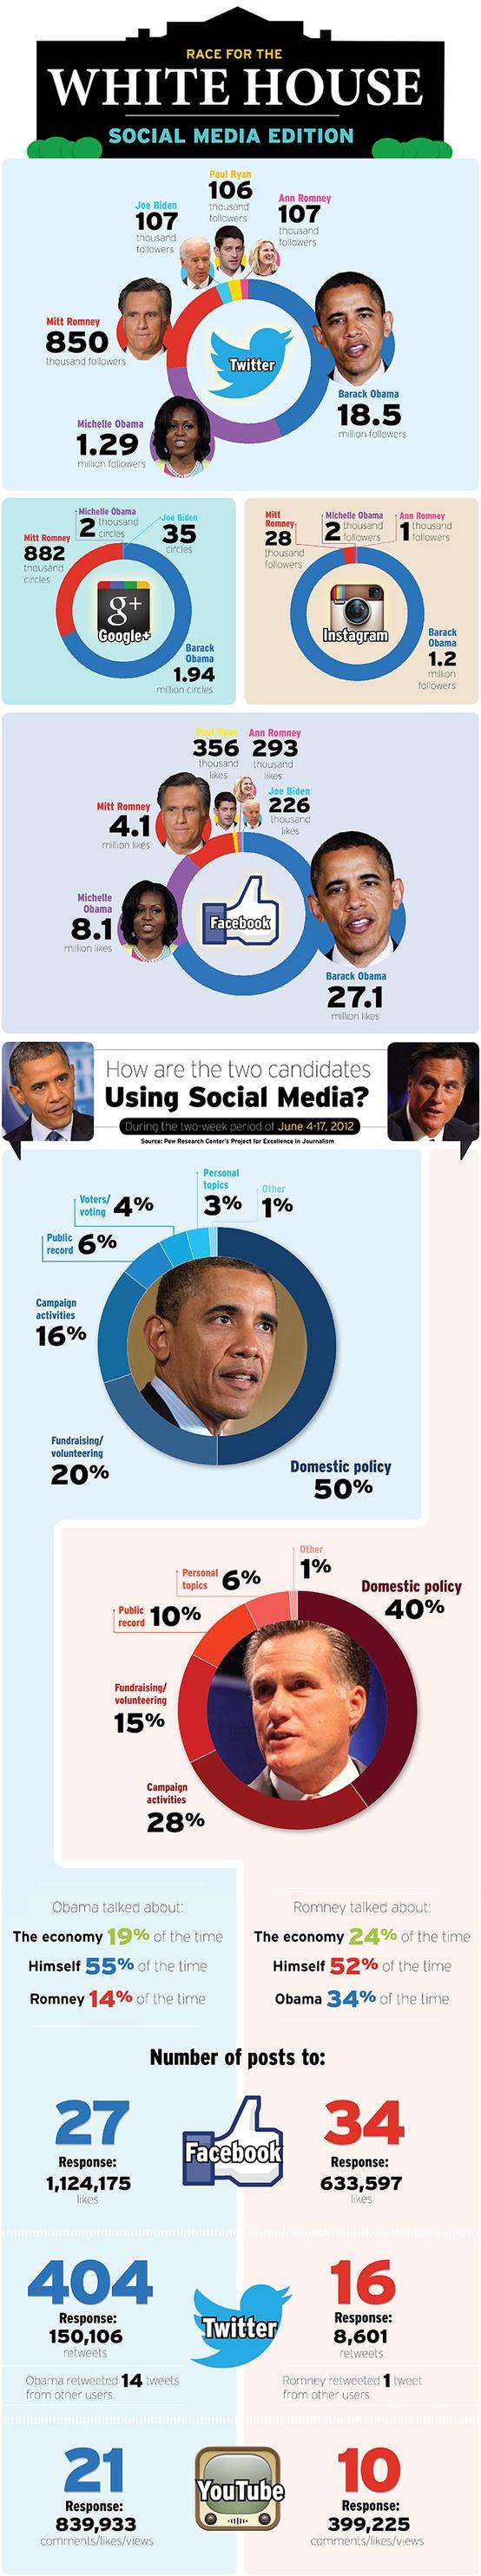 socialmedia_obamaromney